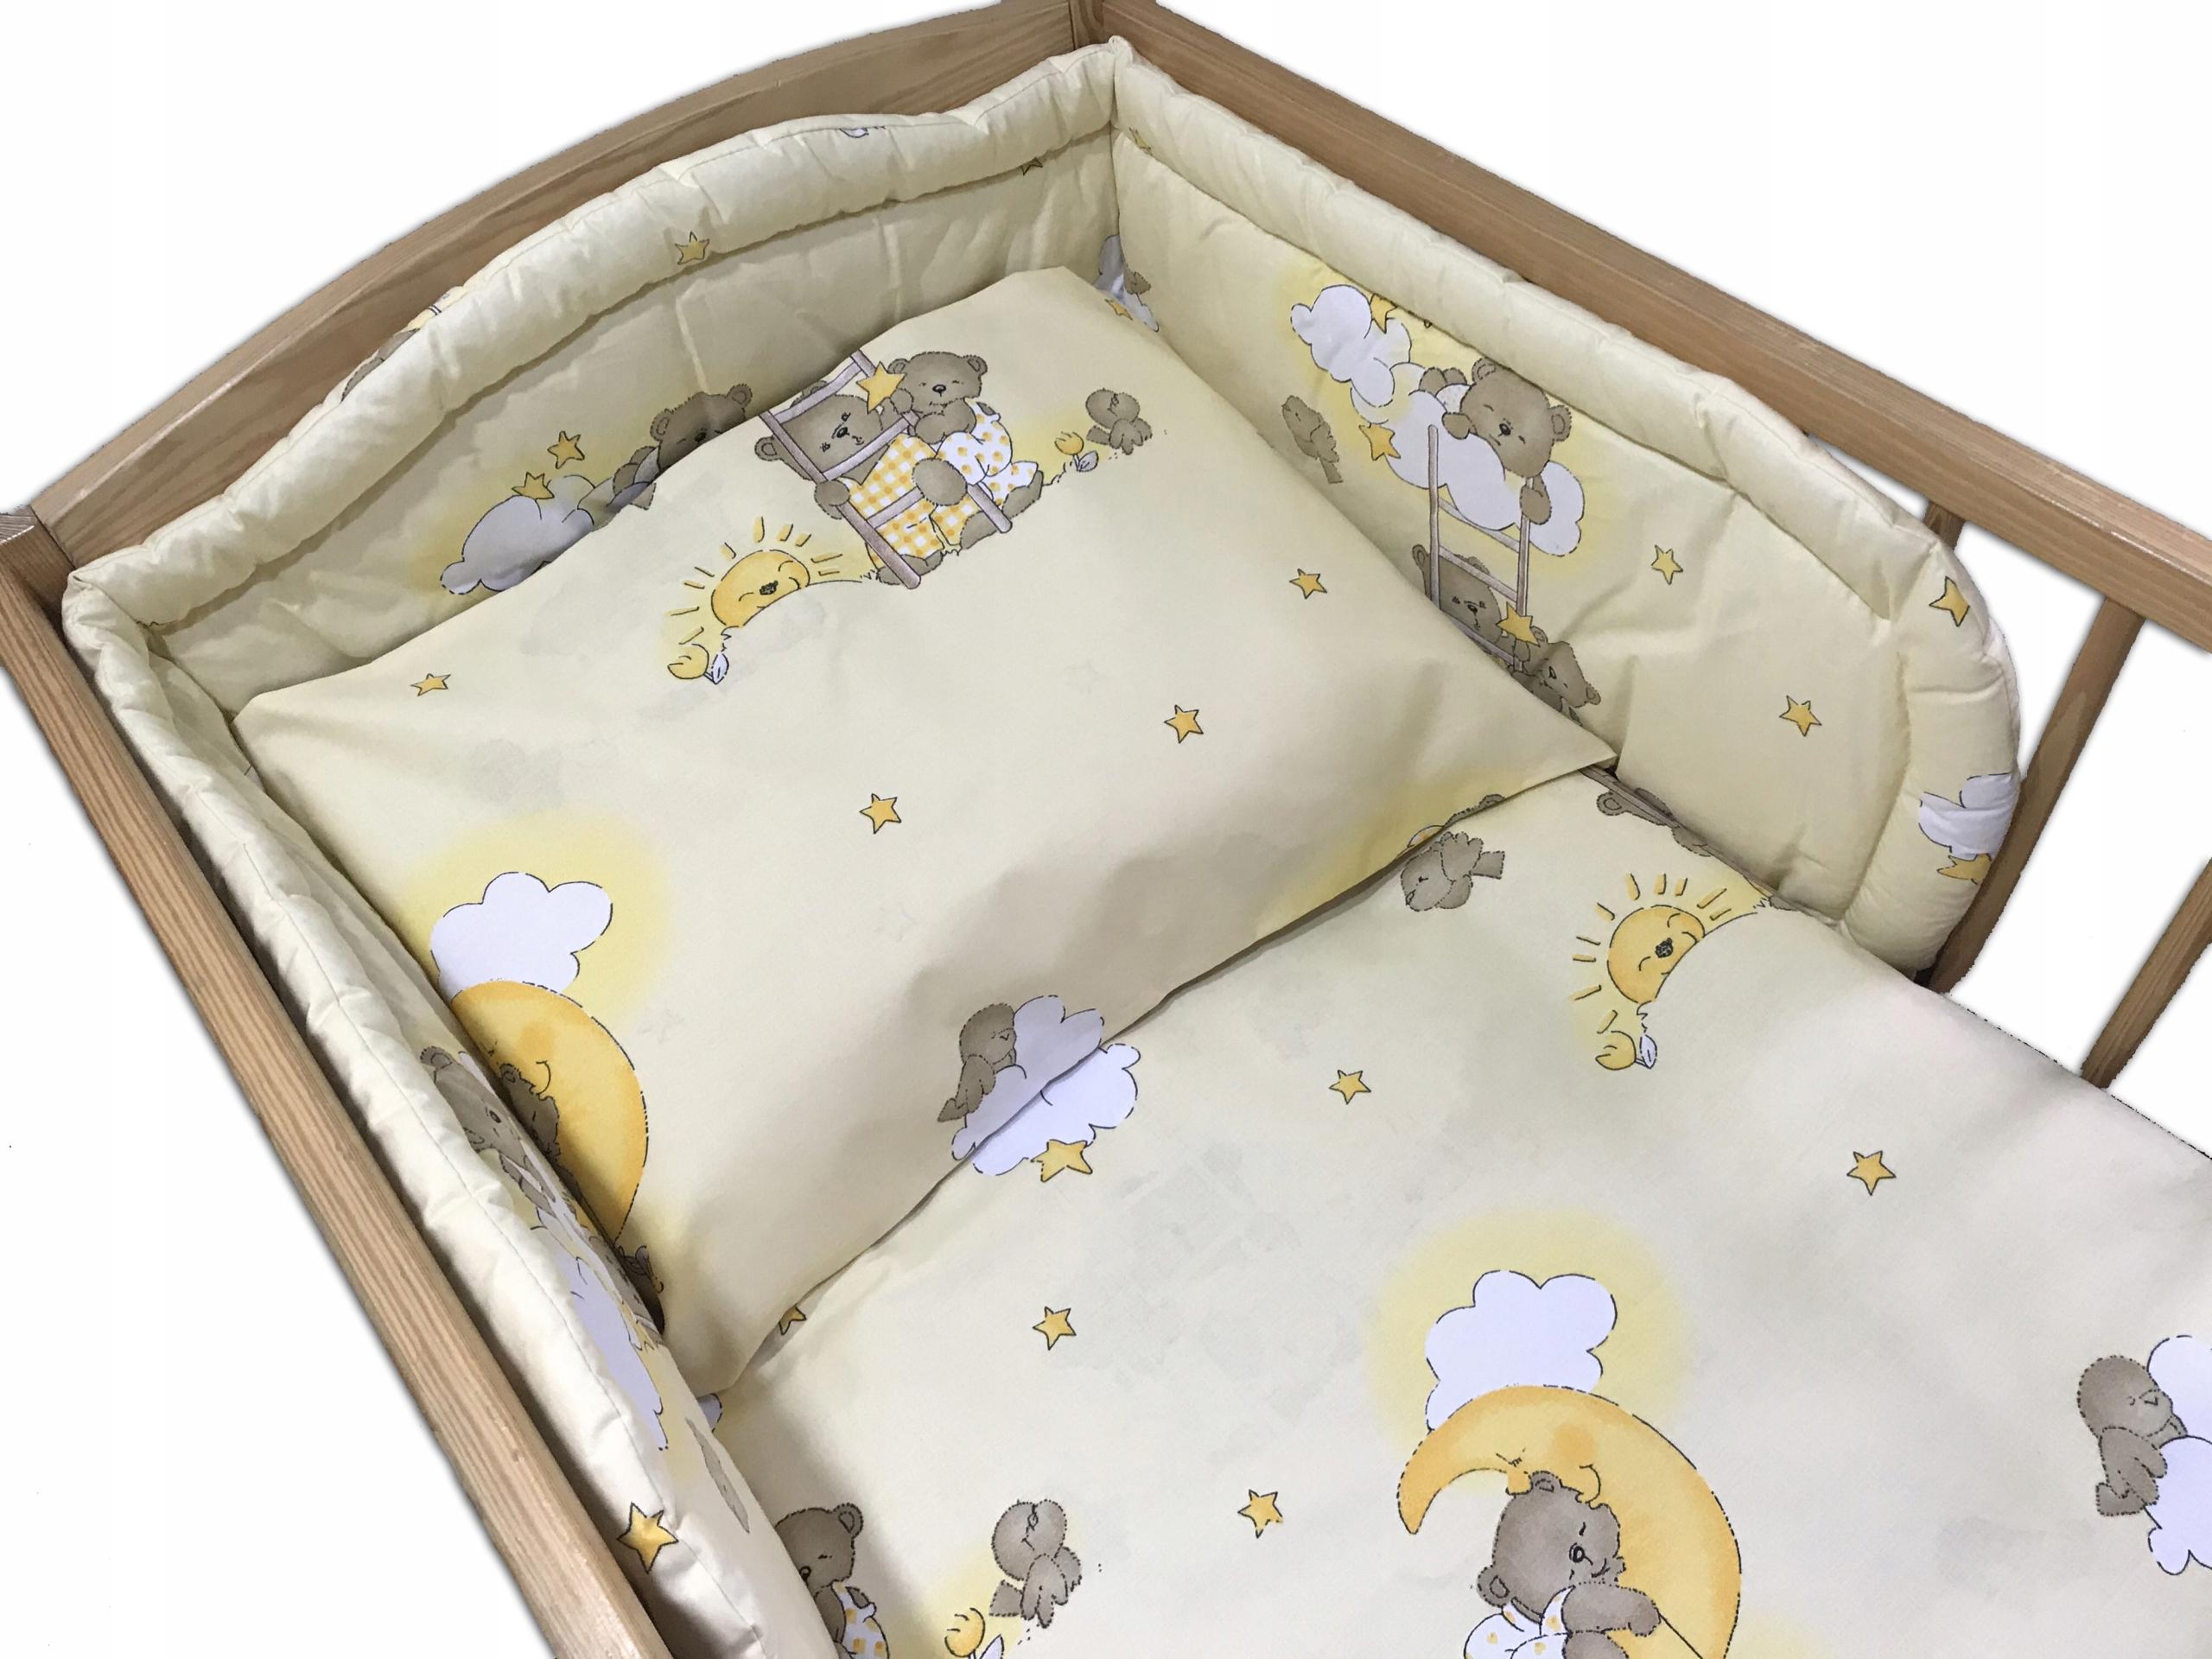 POSCIEL NIEMOWLęCA 36В кроватки 90X120  OCHRANIACZ купить из Европы доставка в Украину.